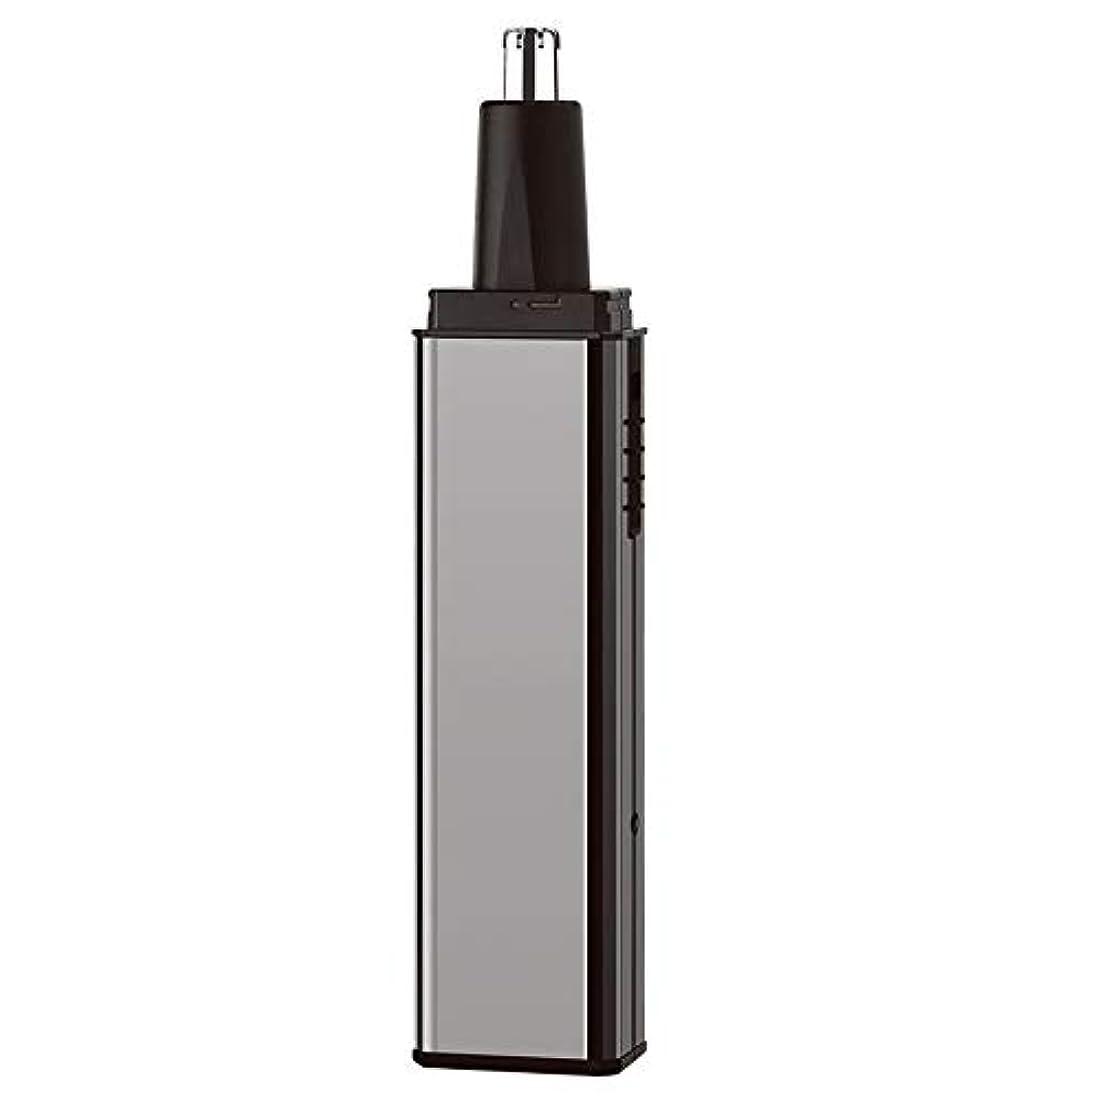 材料尊厳アミューズメント鼻毛トリマー-多機能スーツフォーインワン/電気鼻毛トリマー/ステンレススチール/多機能/ 13.5 * 2.7cm 持つ価値があります